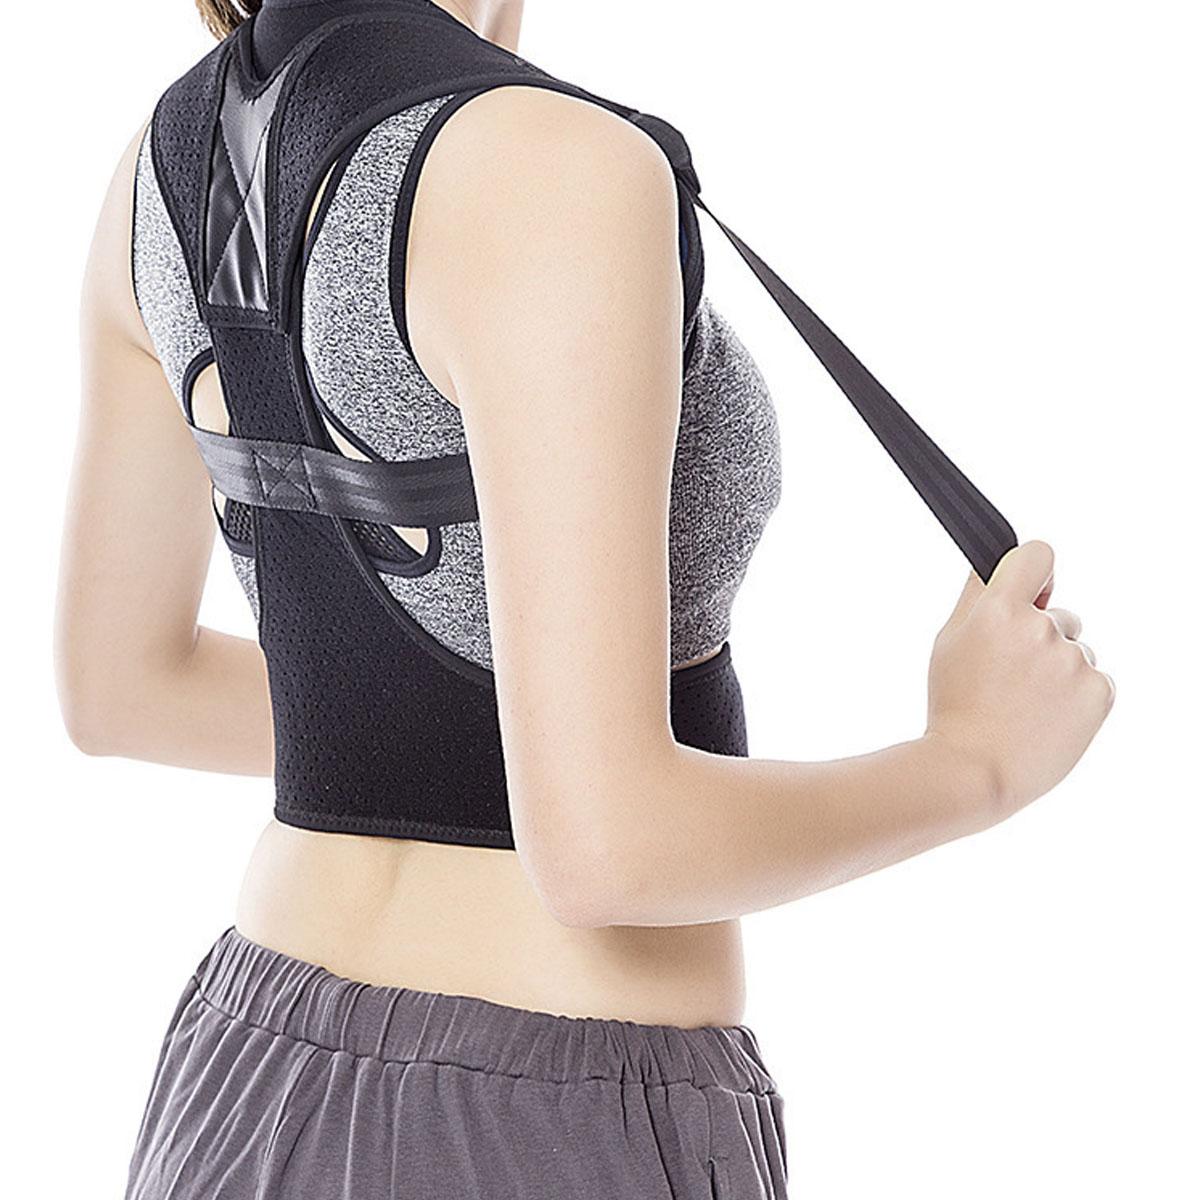 6 Тип Спинка осанки Брейс Ремень Корректор плечевой коррекции Болевая терапия Мужчины Женское - фото 1